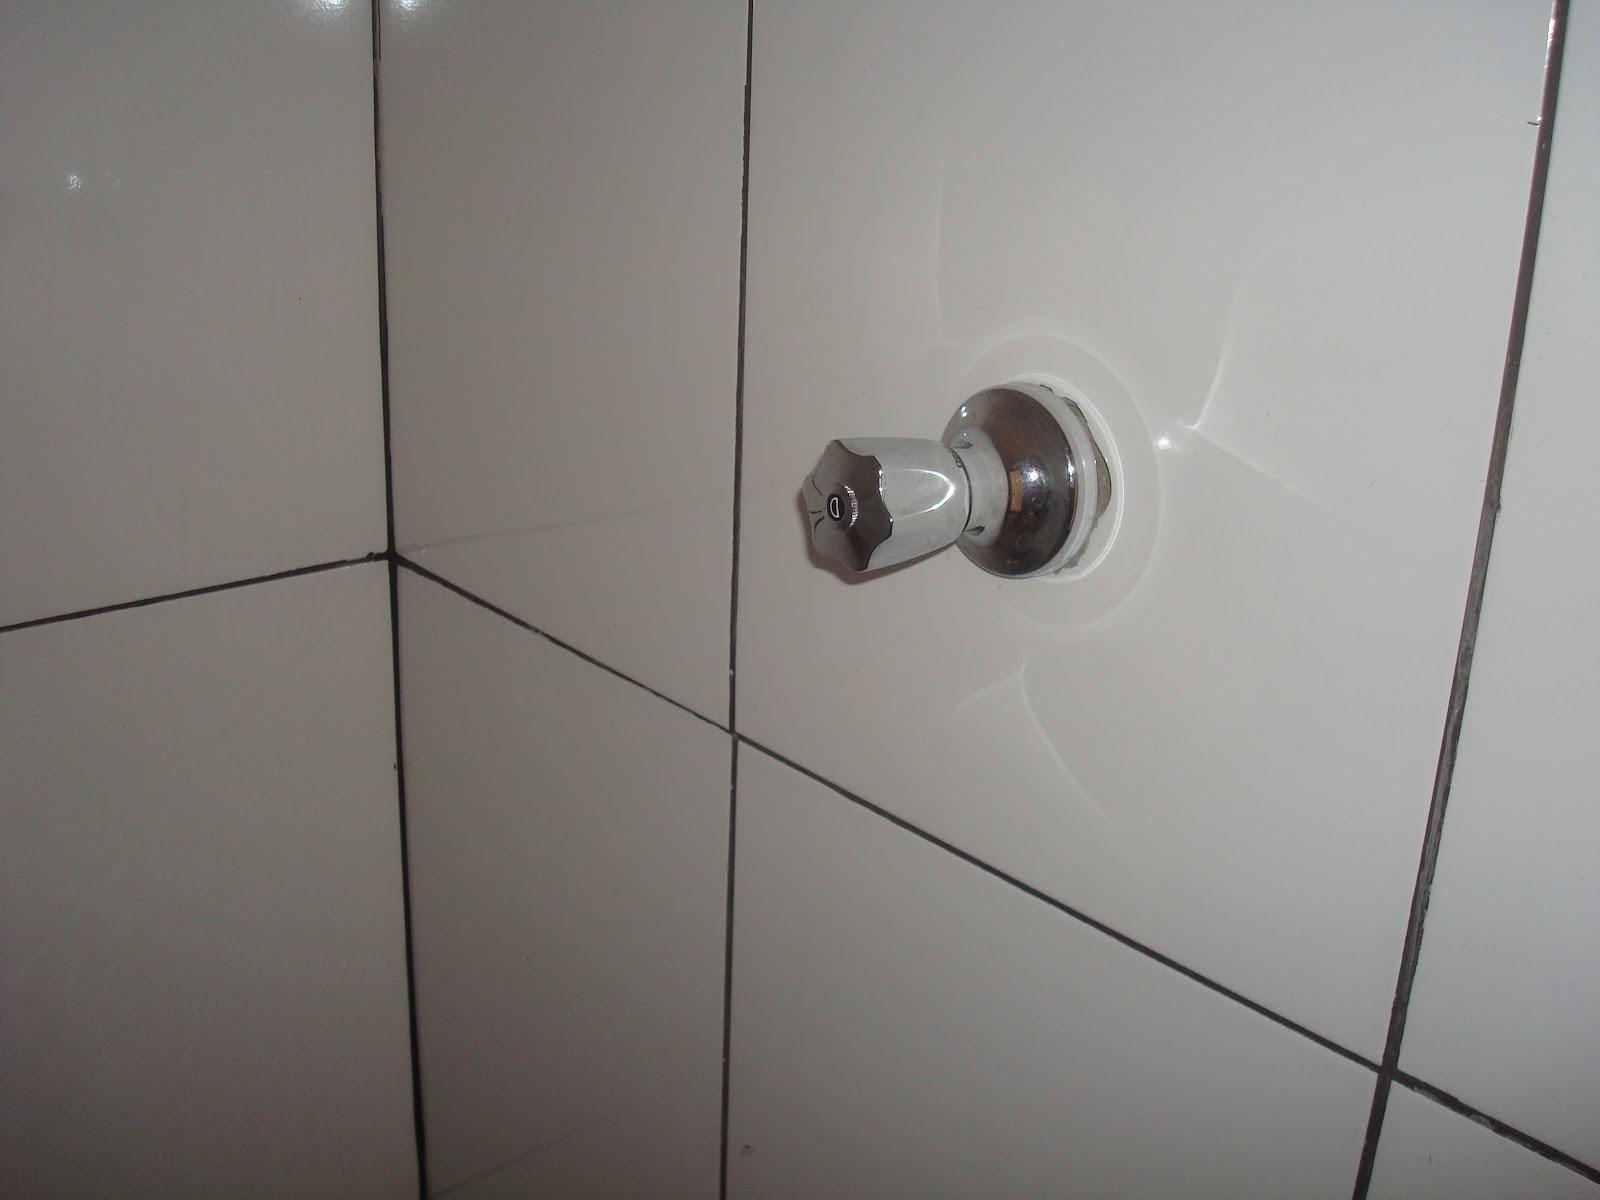 Rejunte preto em piso branco o campeão do mau gosto! #453F3B 1600x1200 Banheiro Branco Com Rejunte Azul